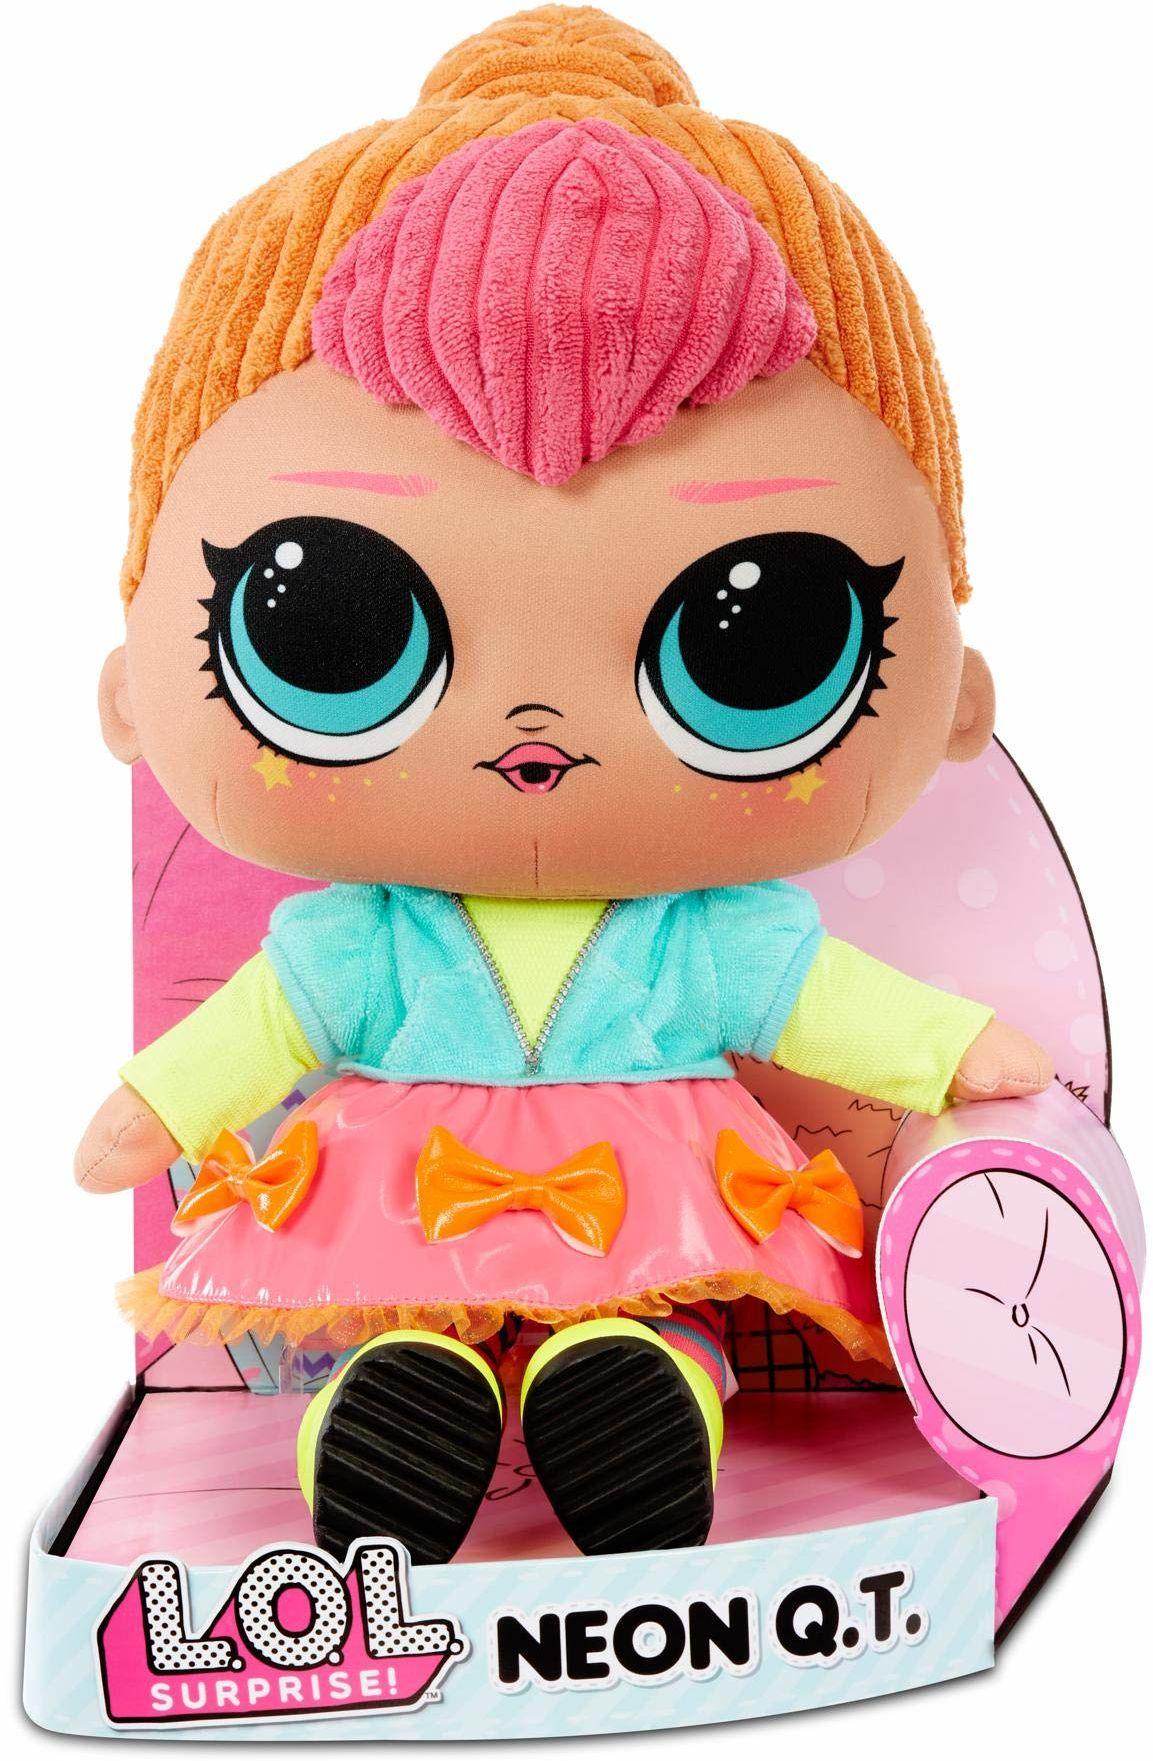 L.O.L. Surprise! Neon Q.T.  przytulna, miękka pluszowa lalka